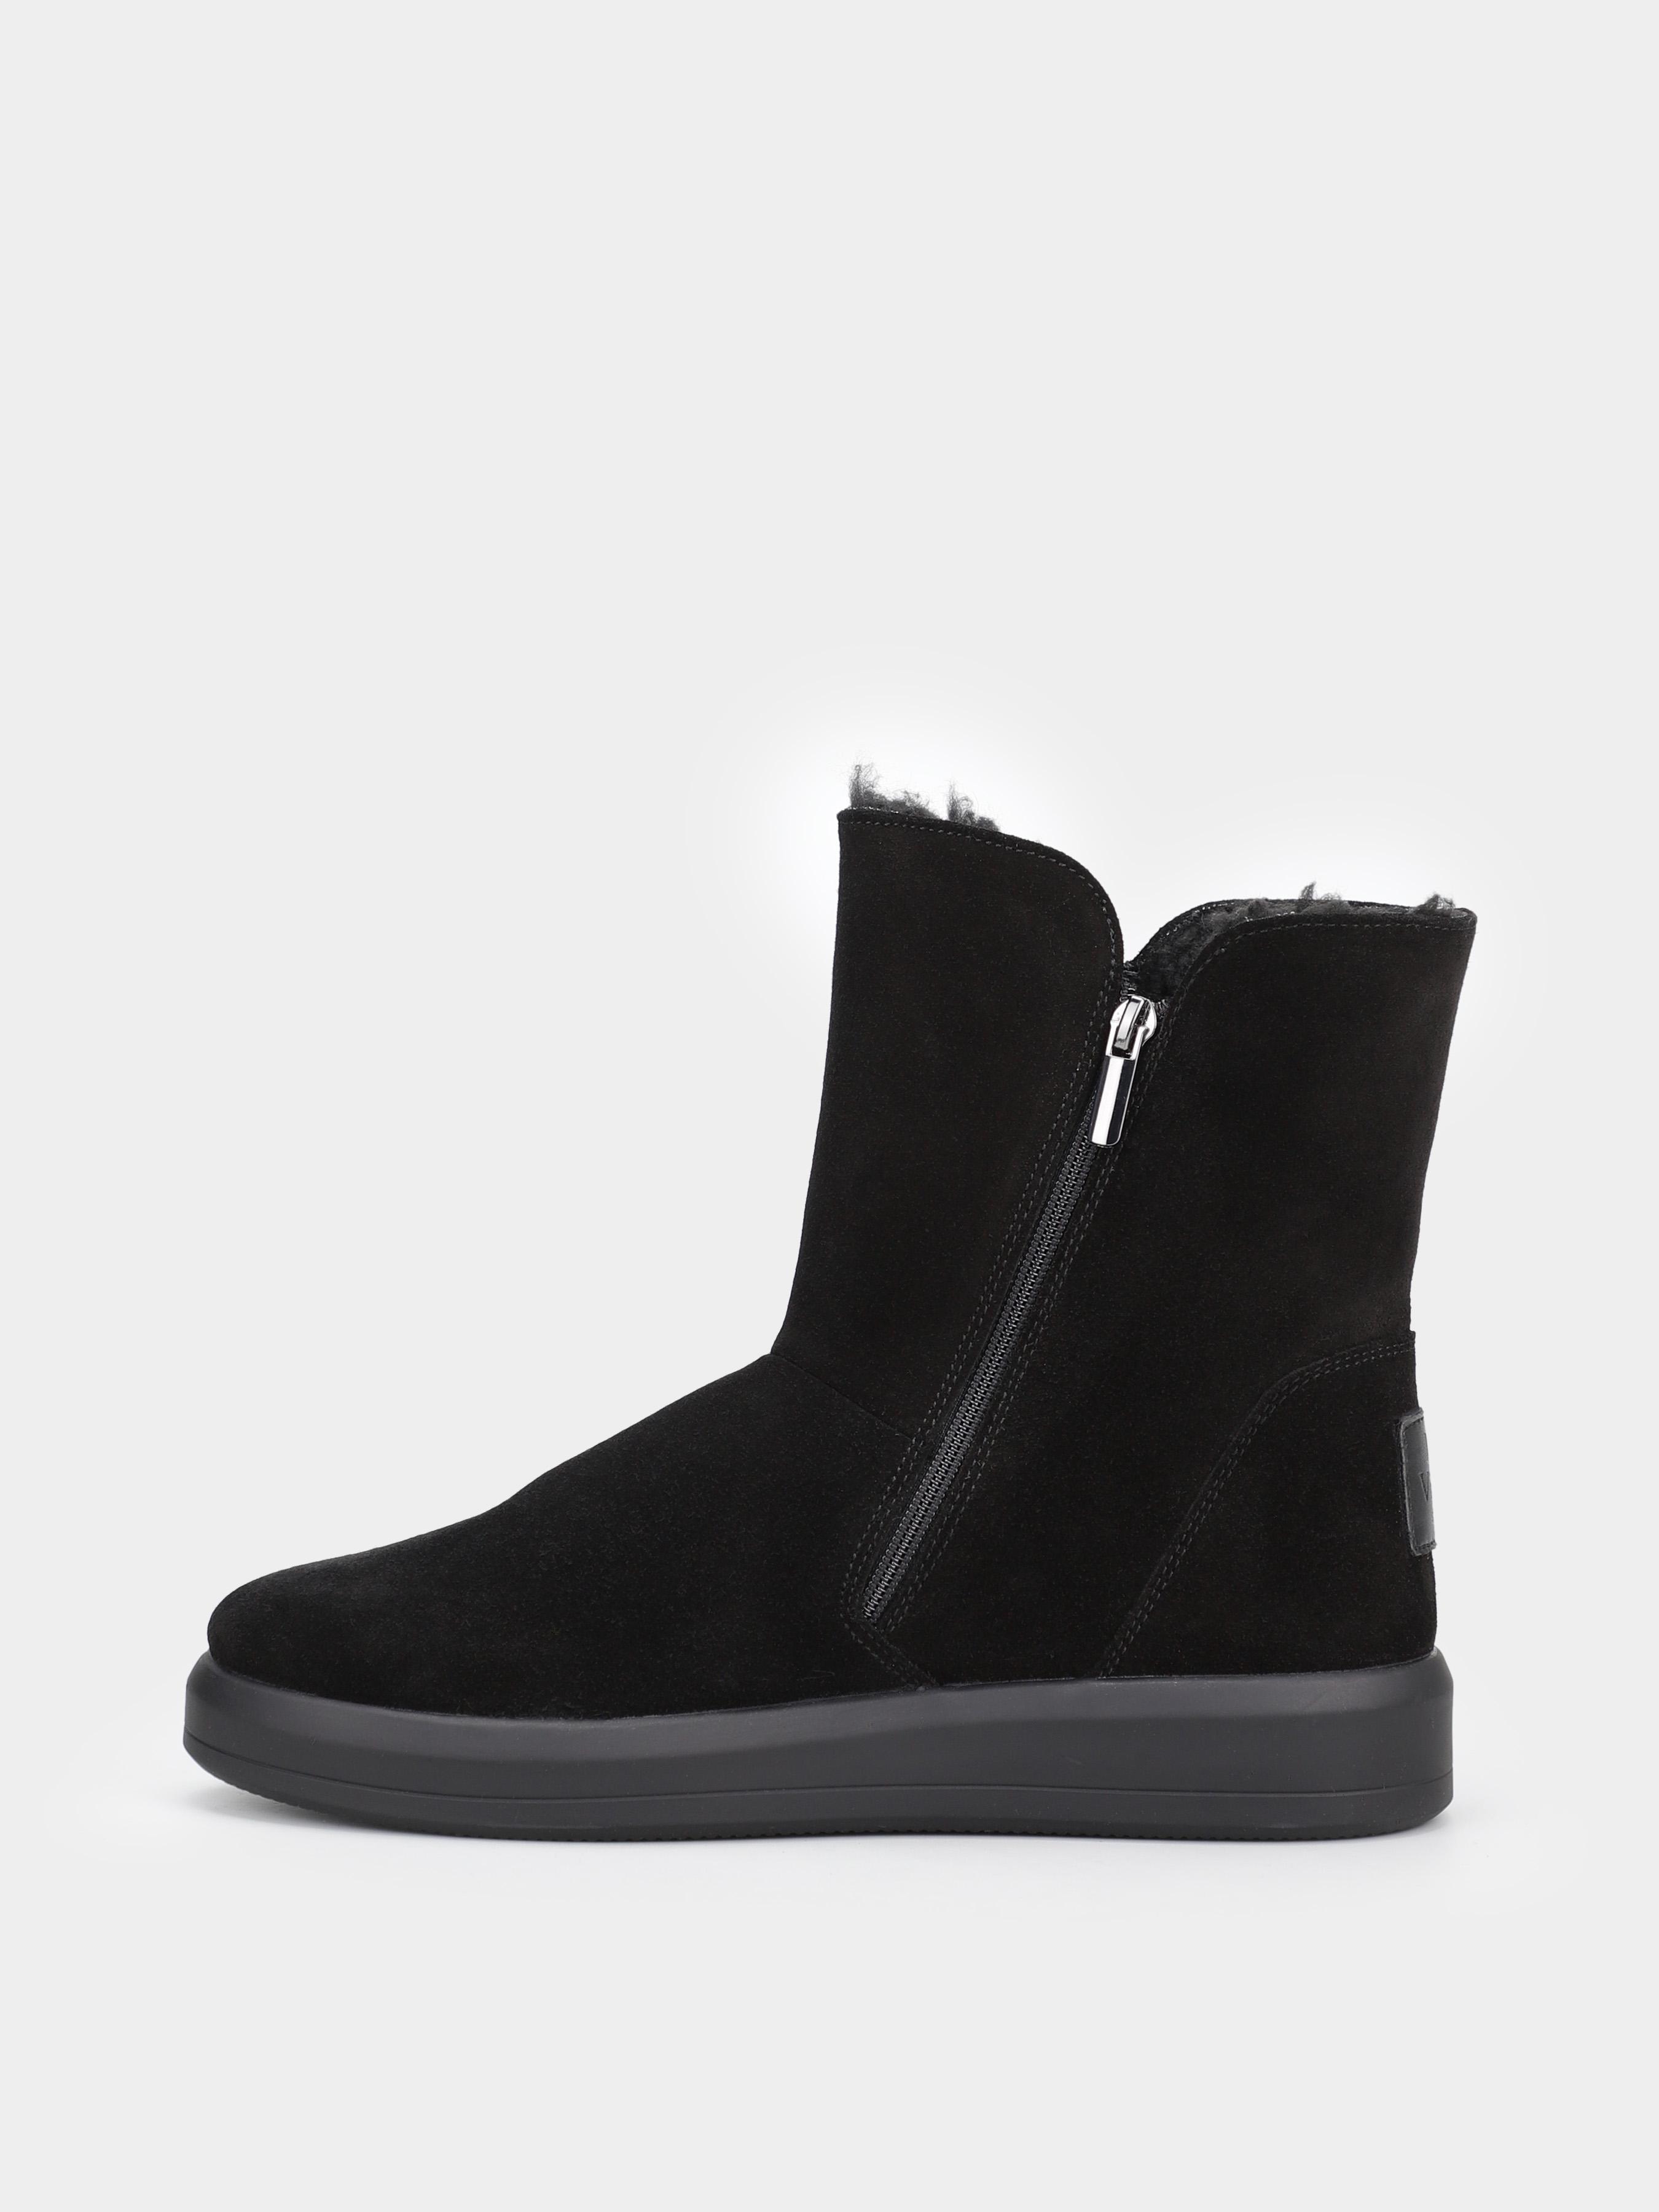 Ботинки женские Dino Vittorio 6H71 размеры обуви, 2017